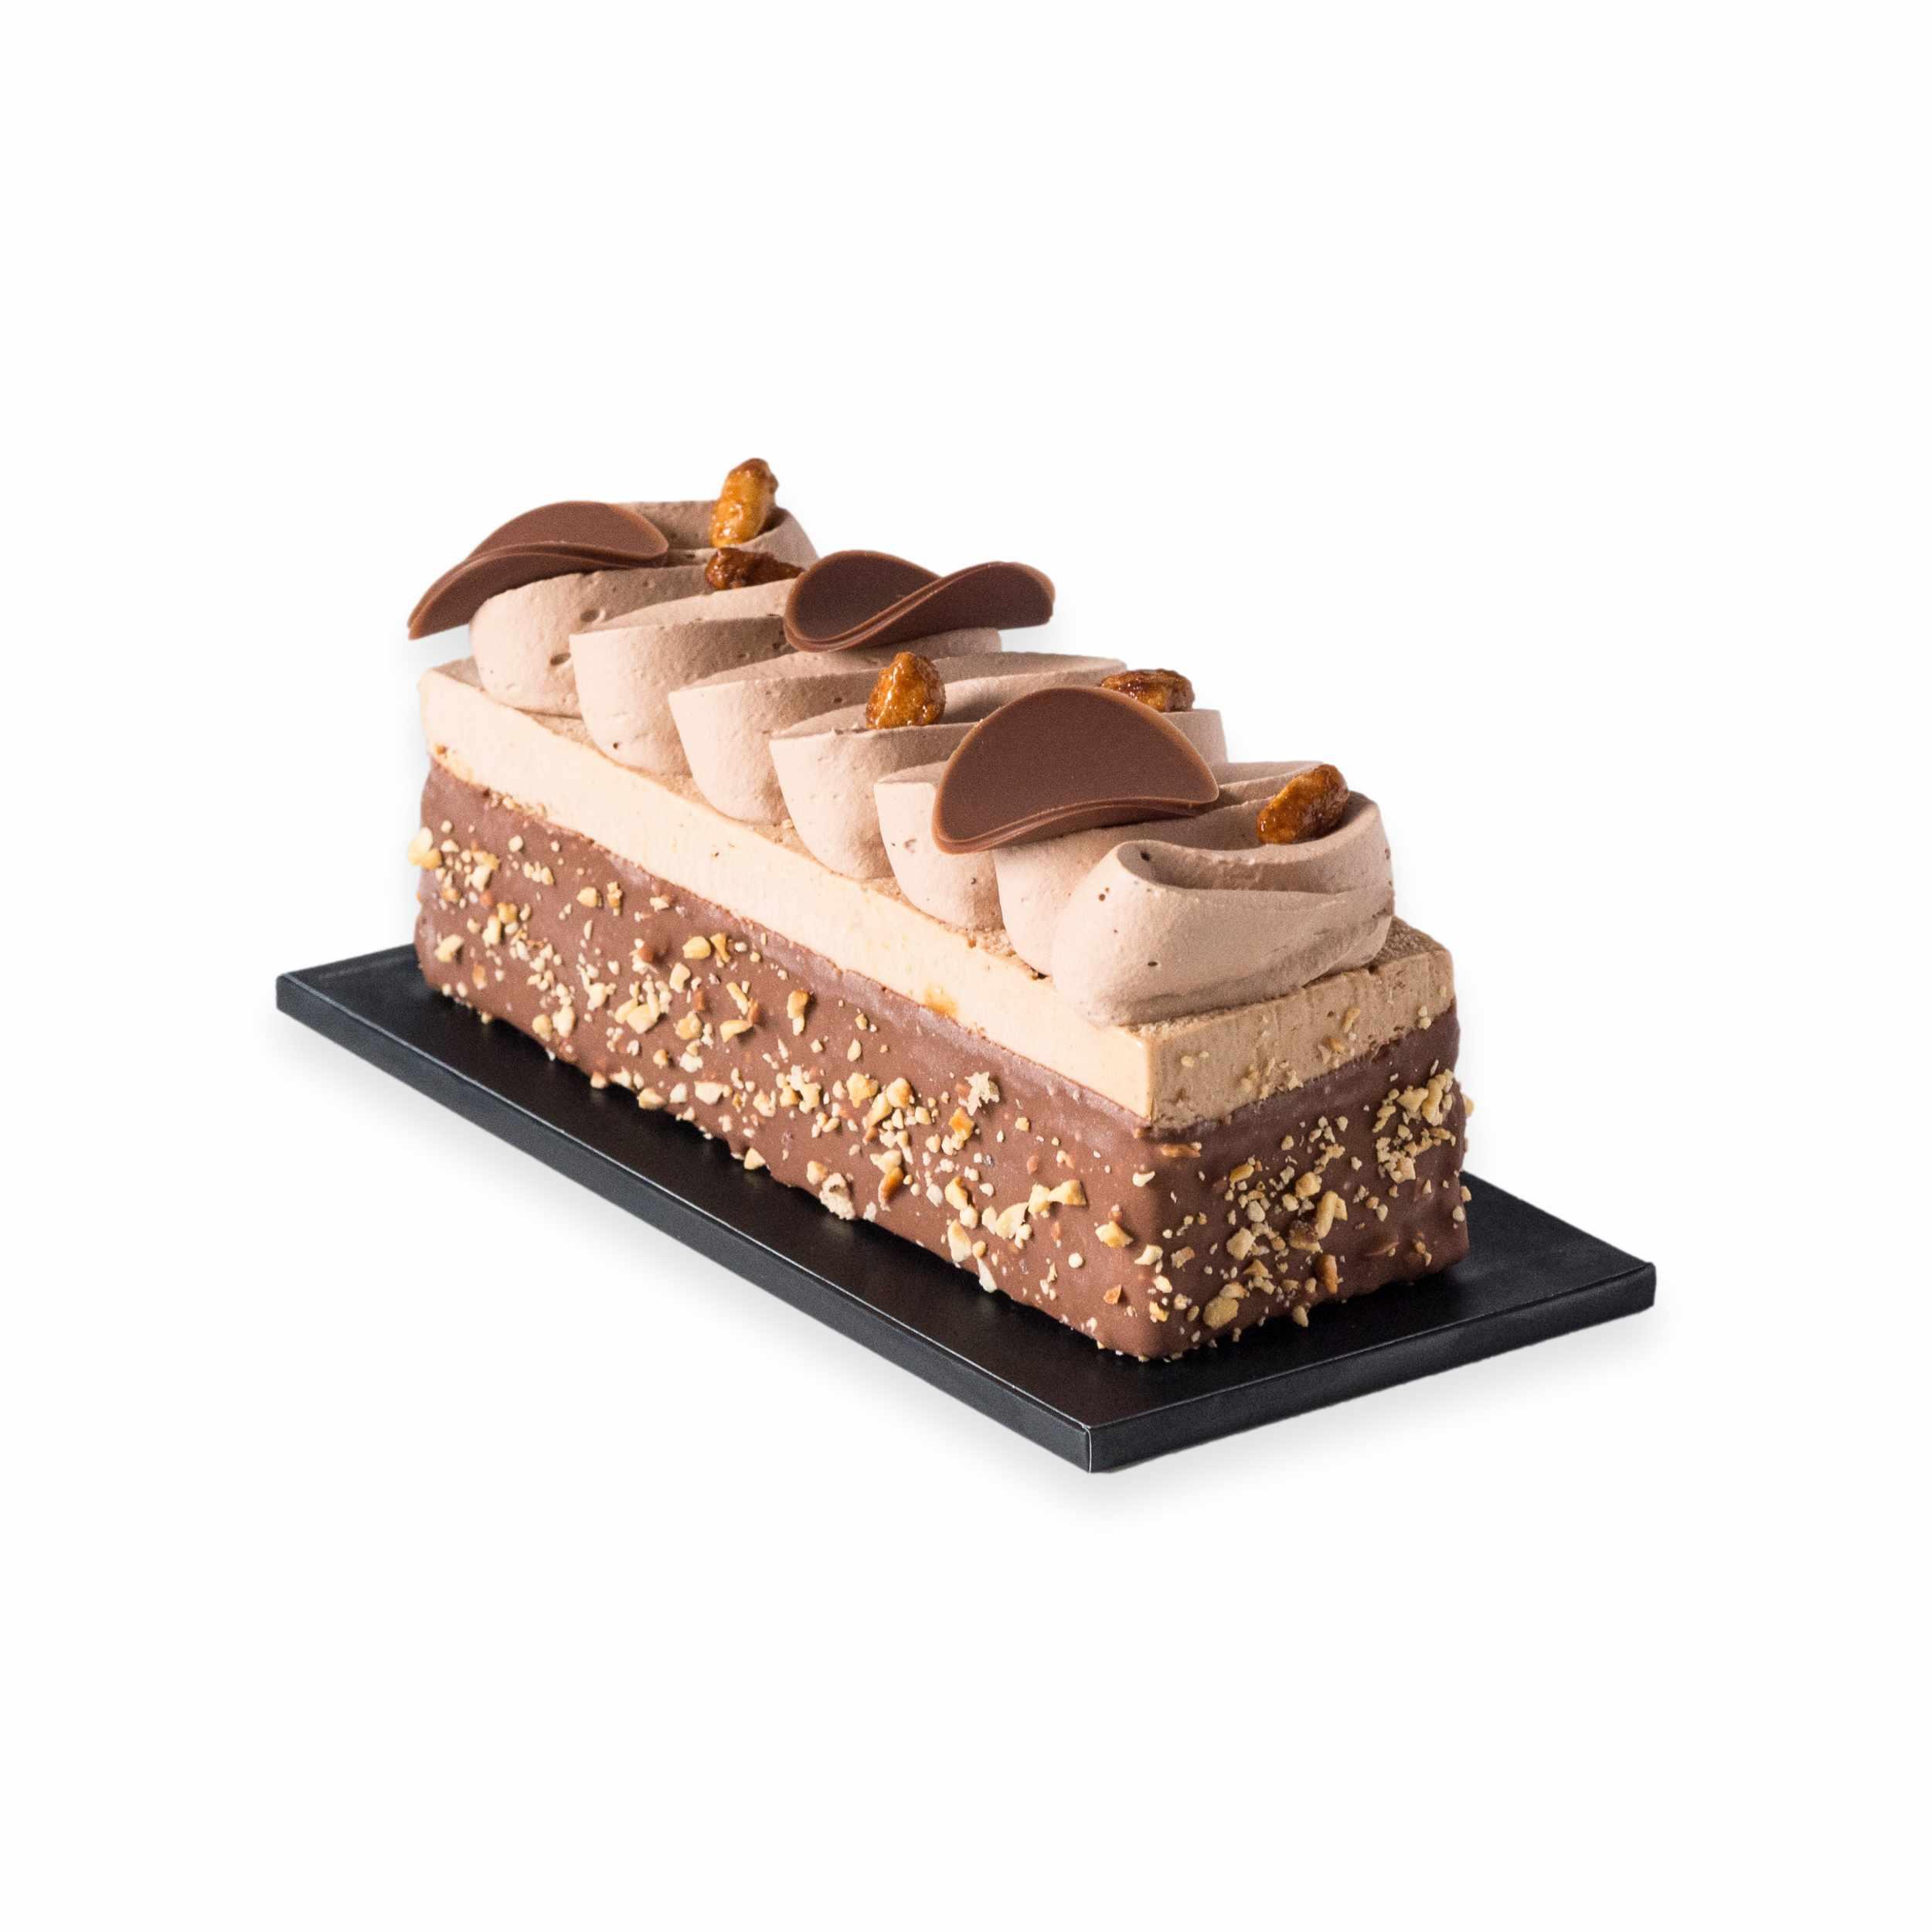 Cake glacé Cacahuètes